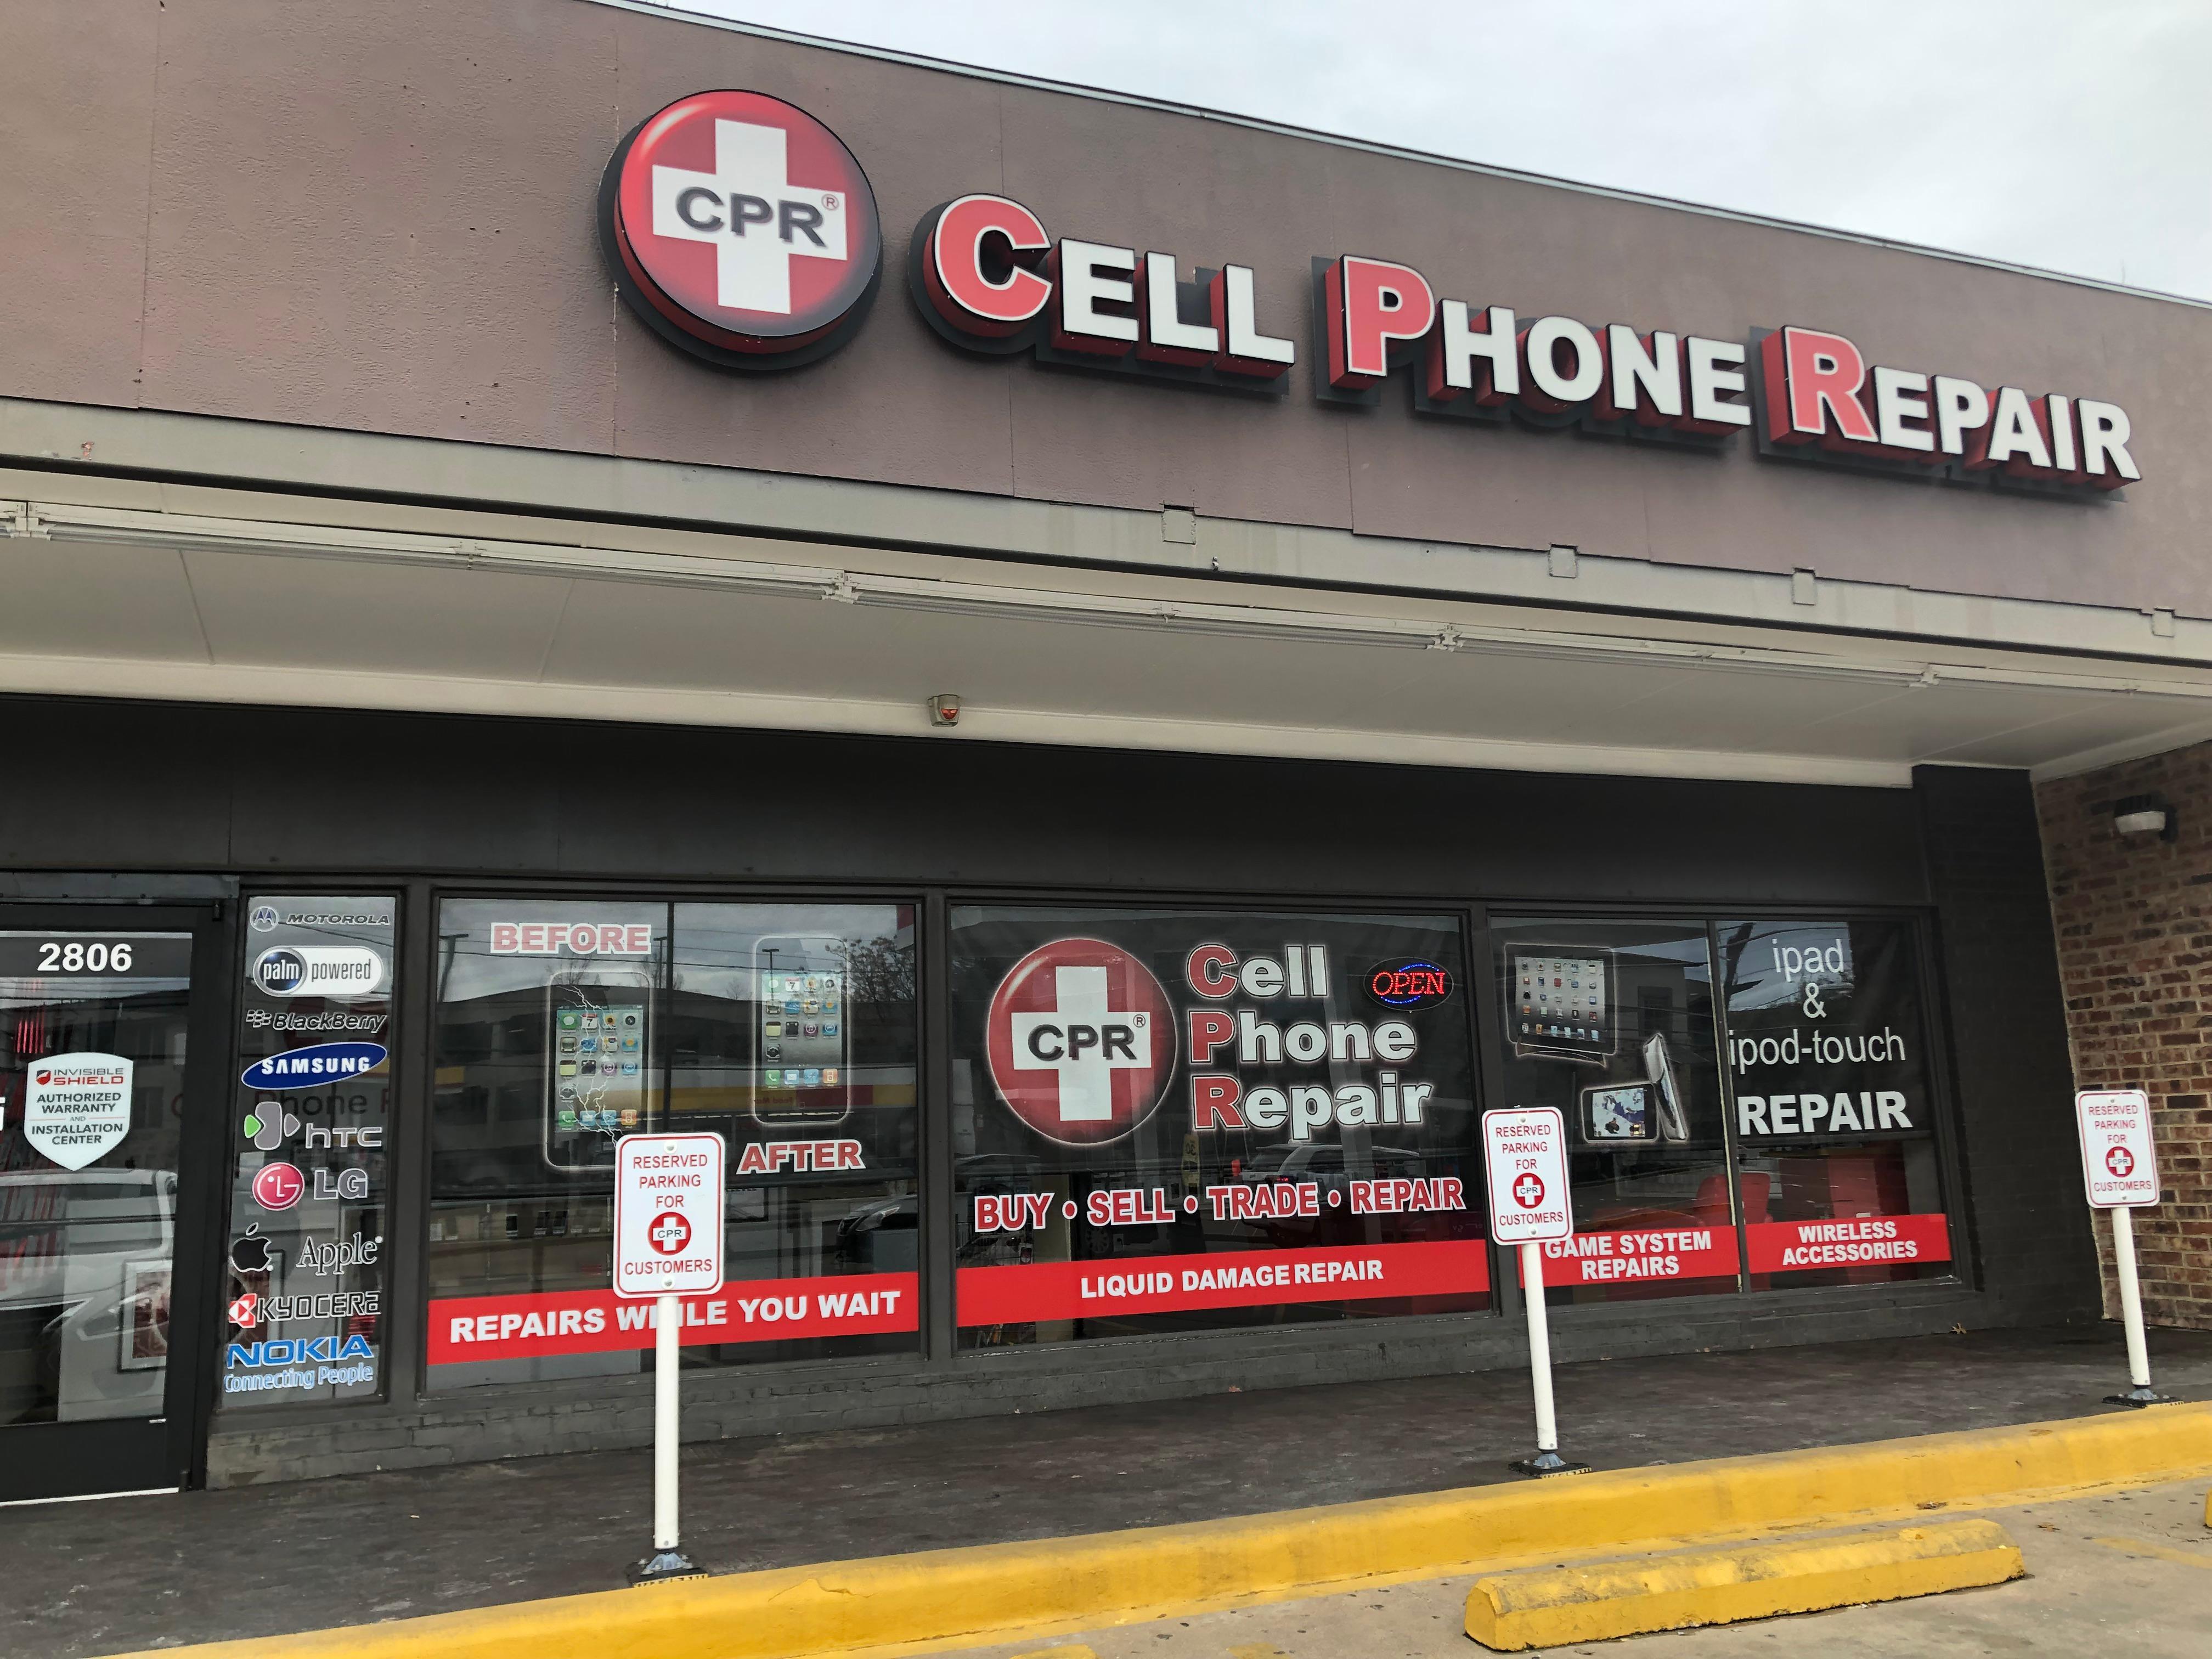 CPR Cell Phone Repair Dallas Uptown 2806 N Fitzhugh Ave, Dallas, TX